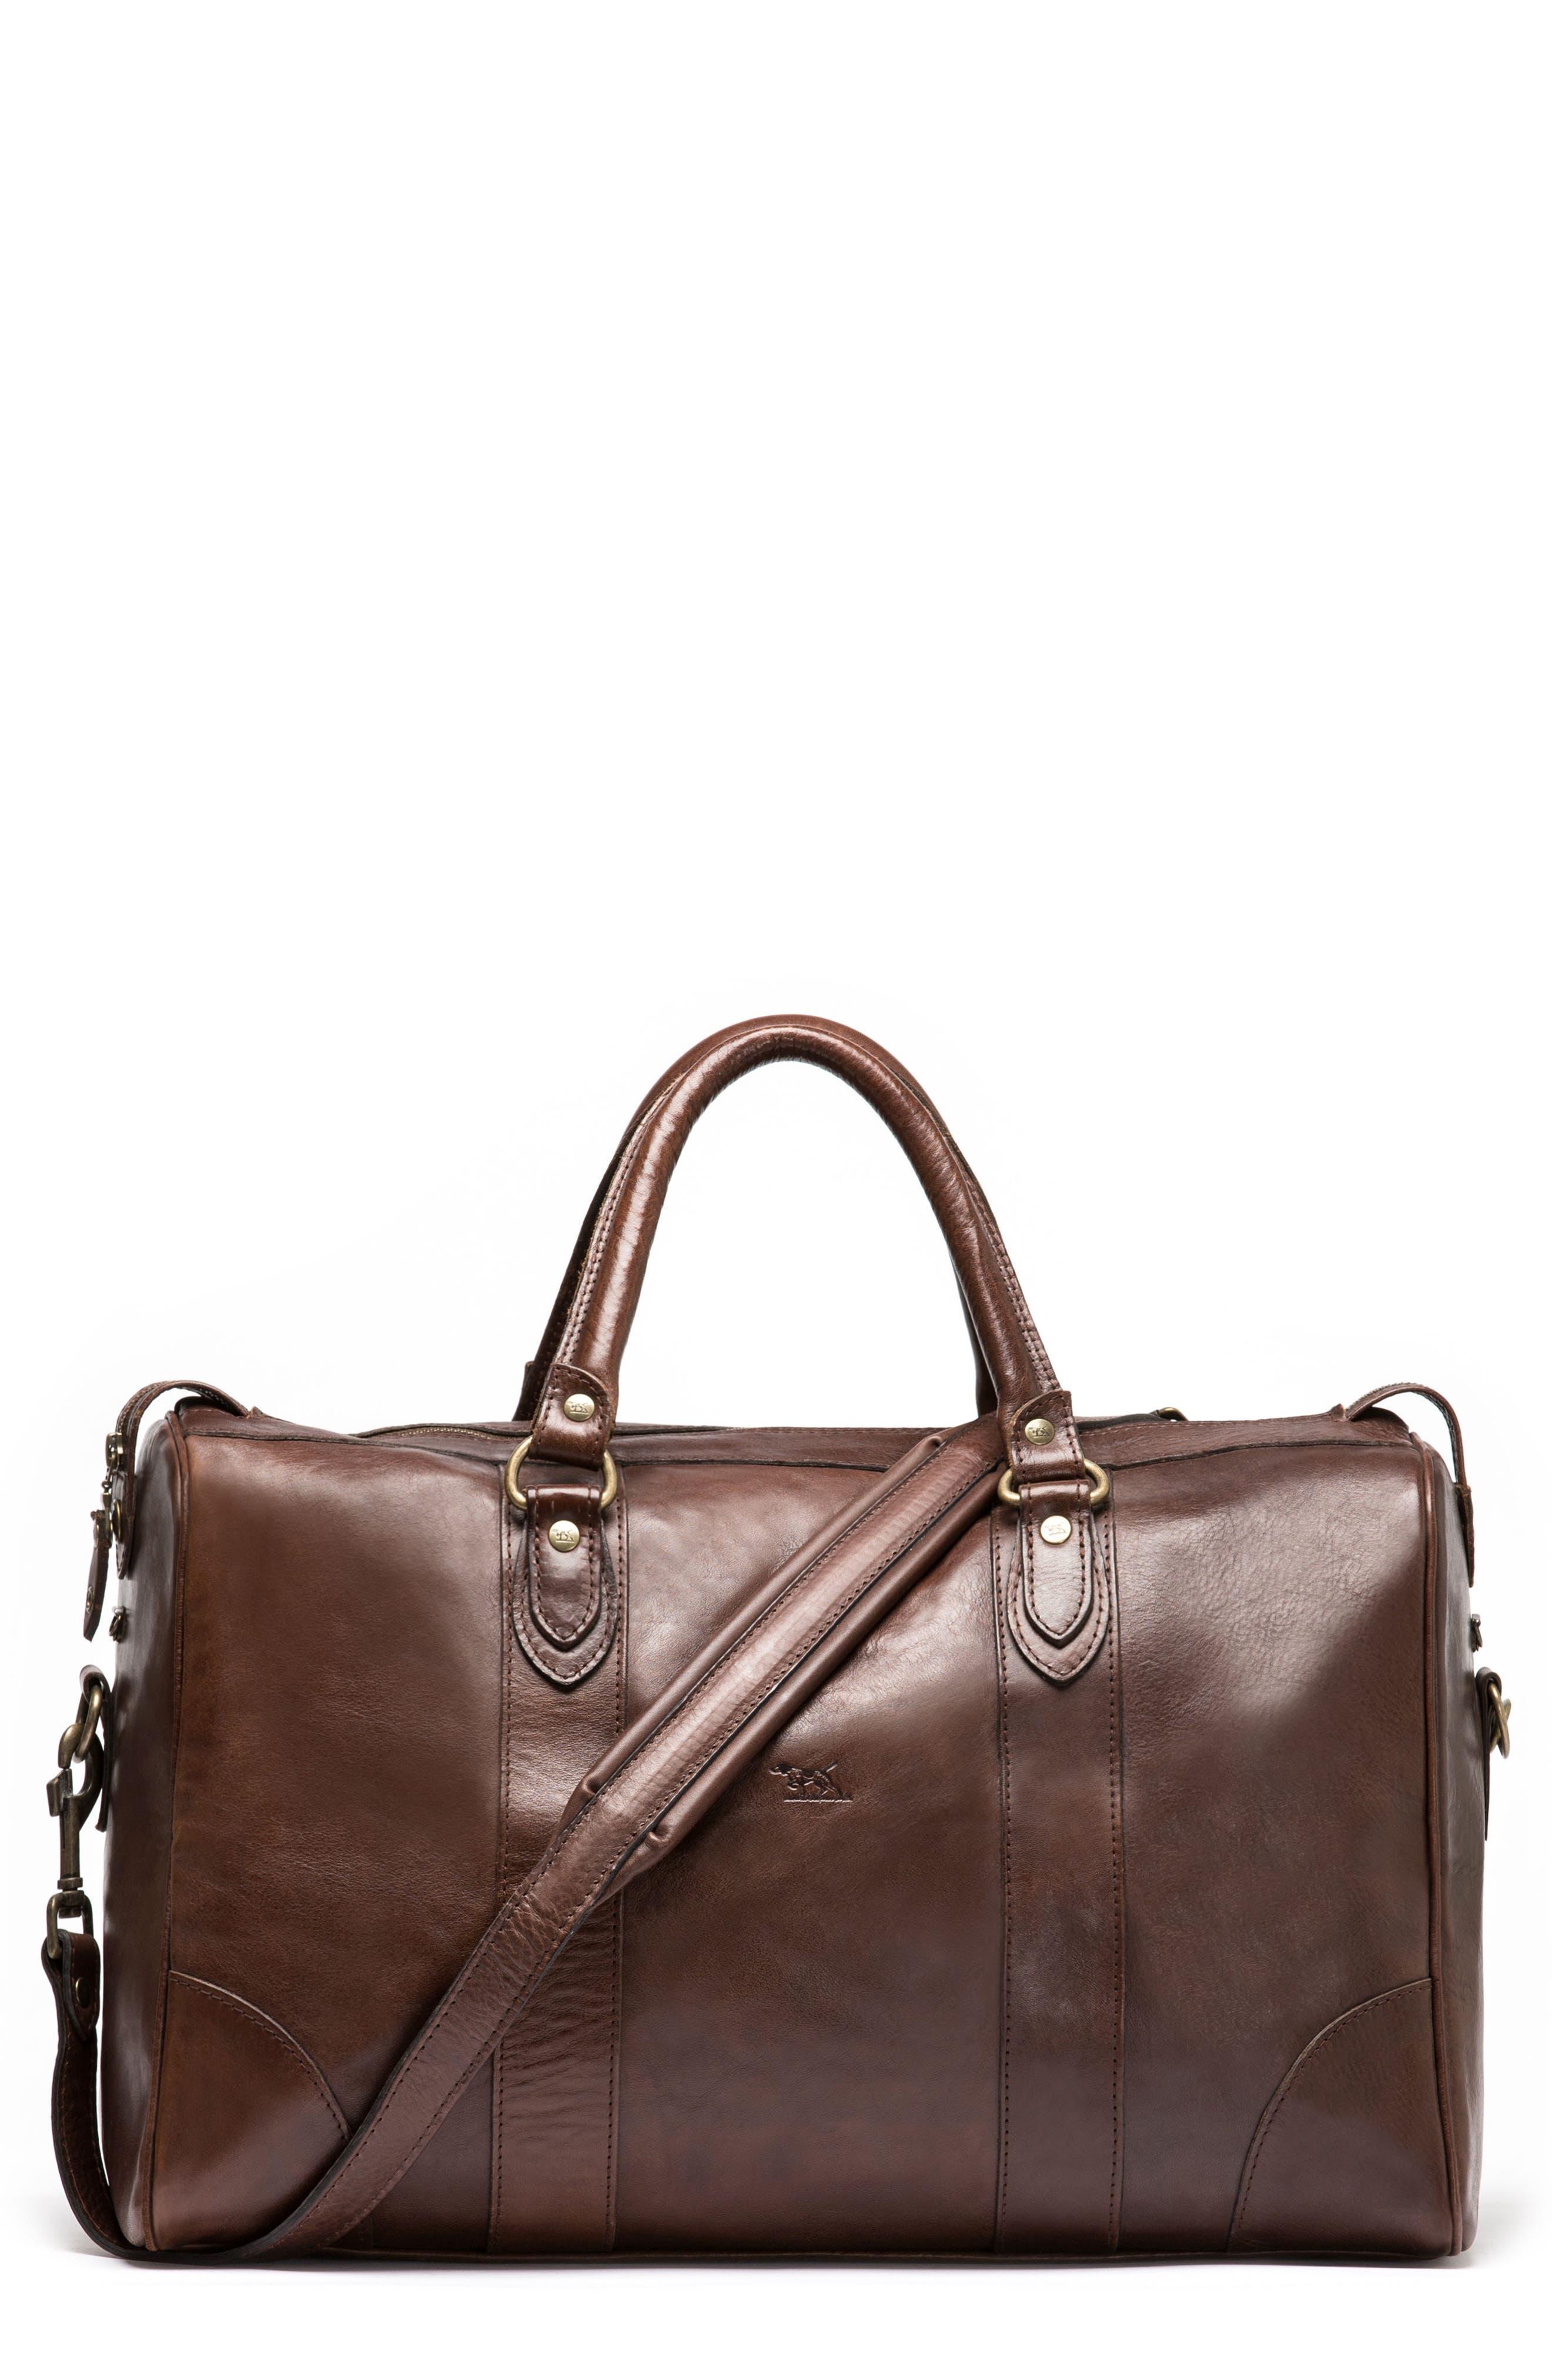 Normanby Duffel Bag,                         Main,                         color, Cocoa